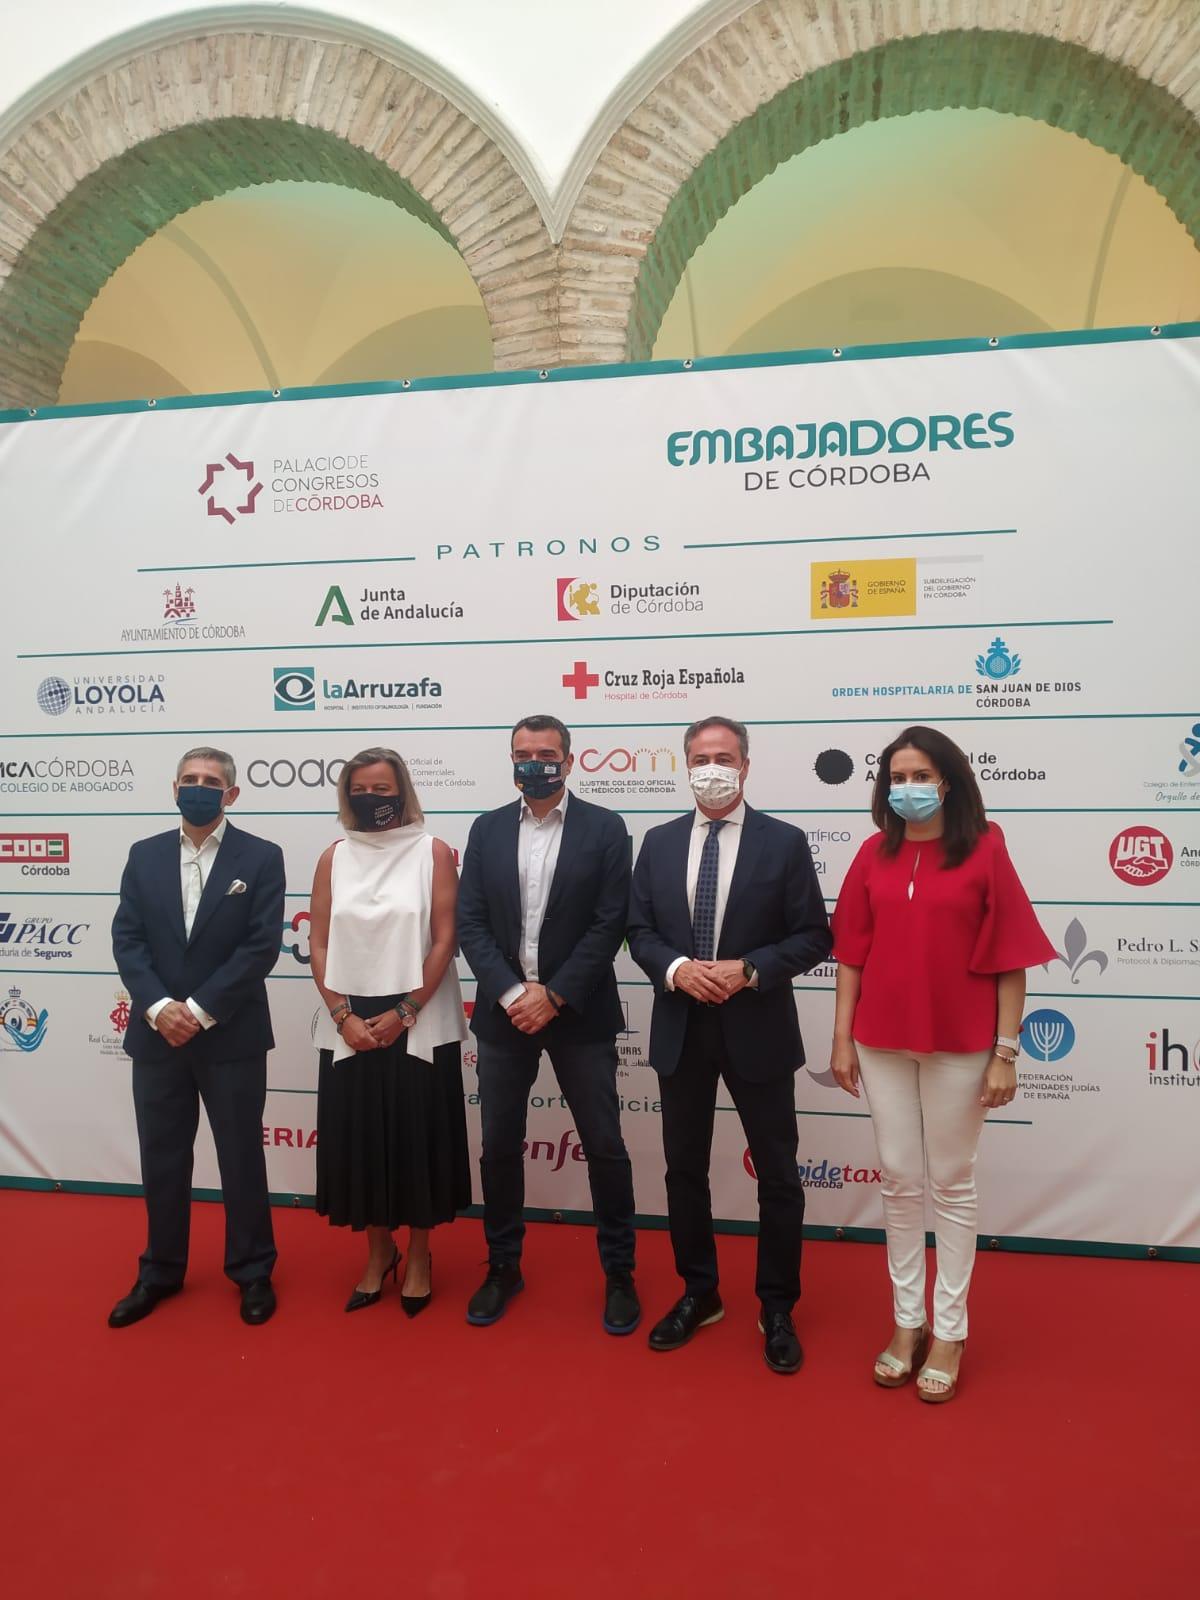 El Patronato de Turismo participa en las III Jornadas Embajadores de Córdoba, dedicadas al análisis del potencial de la provincia como destino MICE